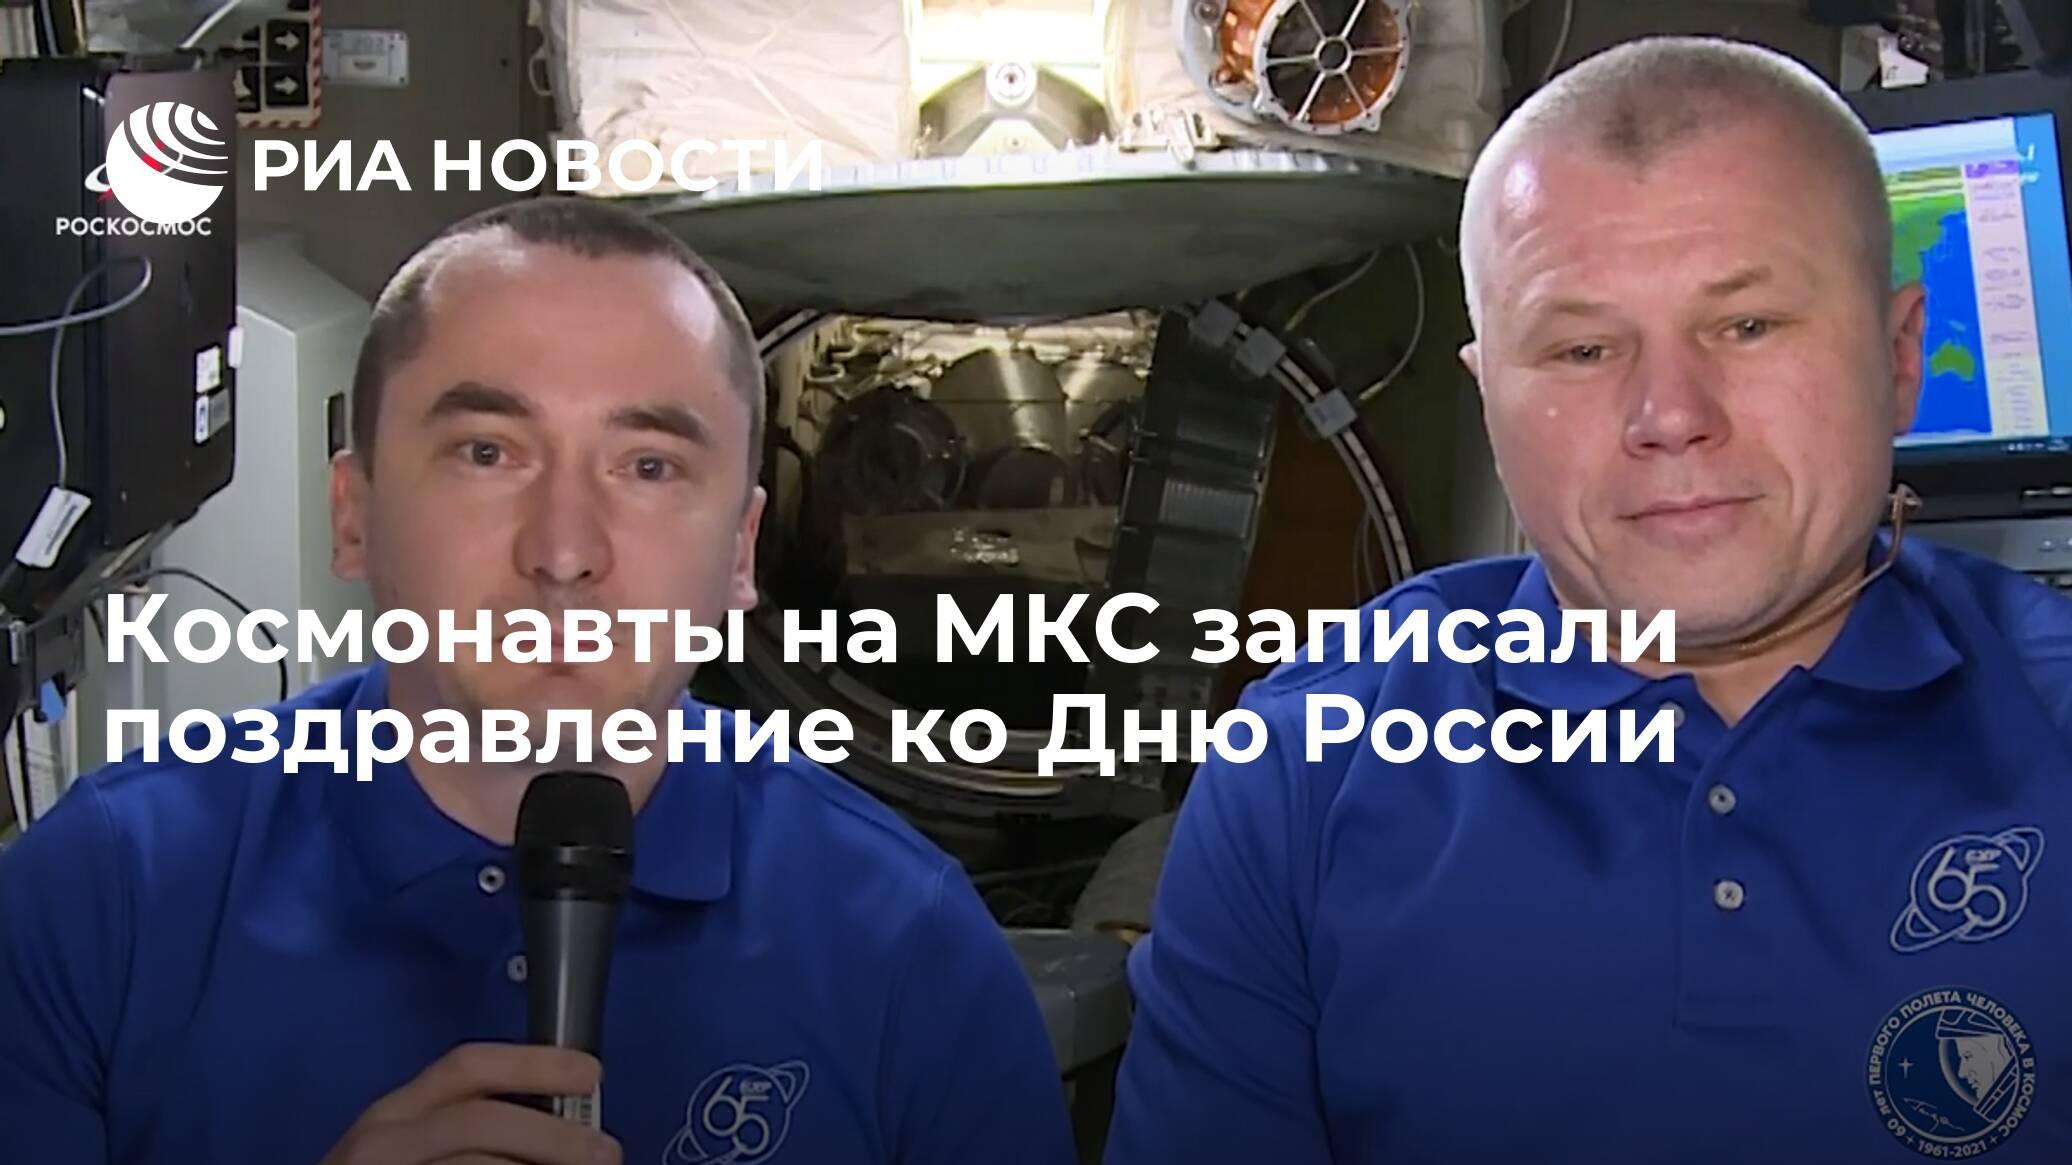 Космонавты на МКС записали поздравление ко Дню России